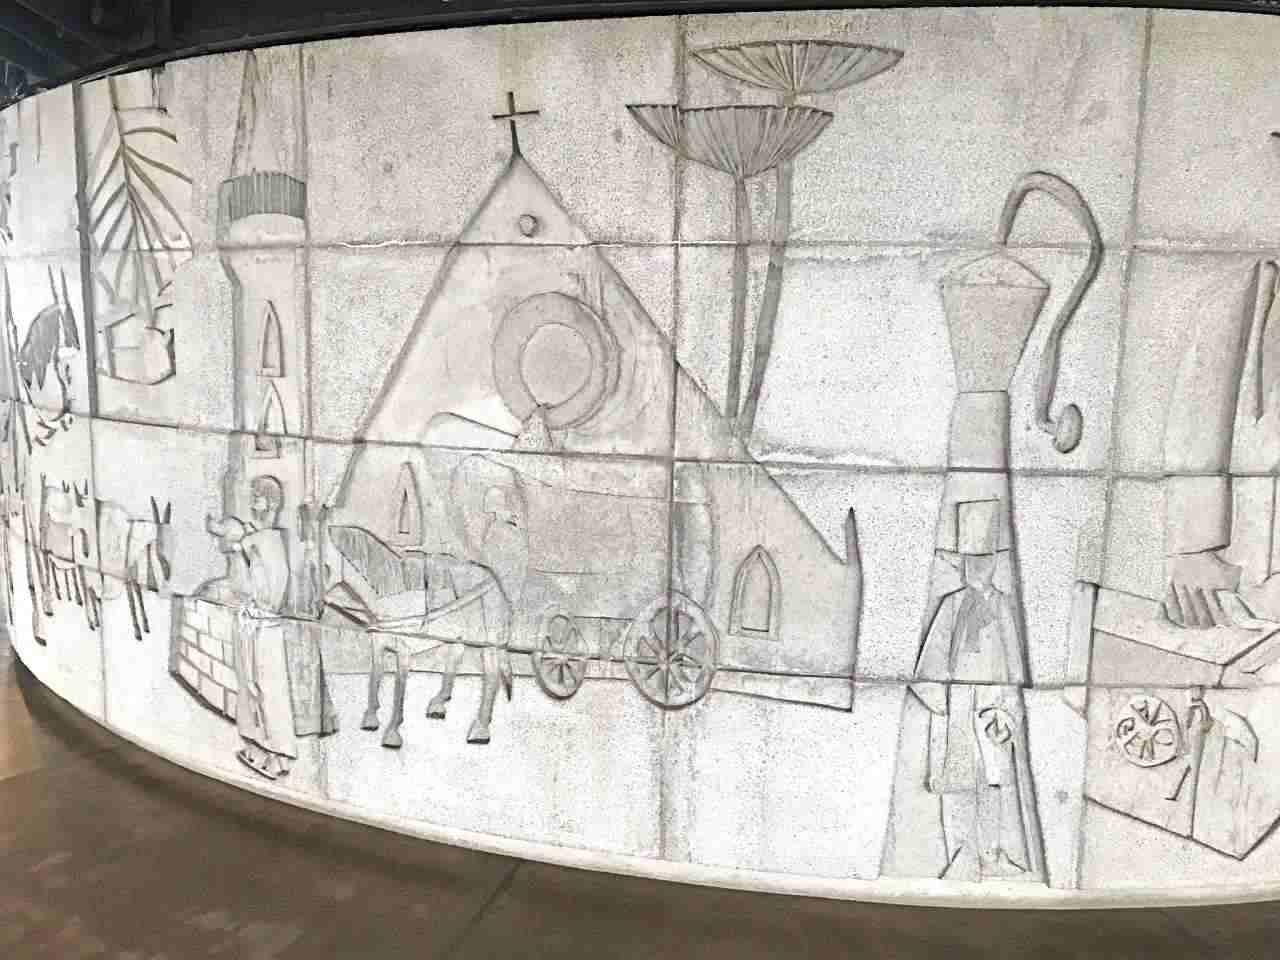 Painéis de Poty Lazzarotto - As Comunicações e a História de Curitiba